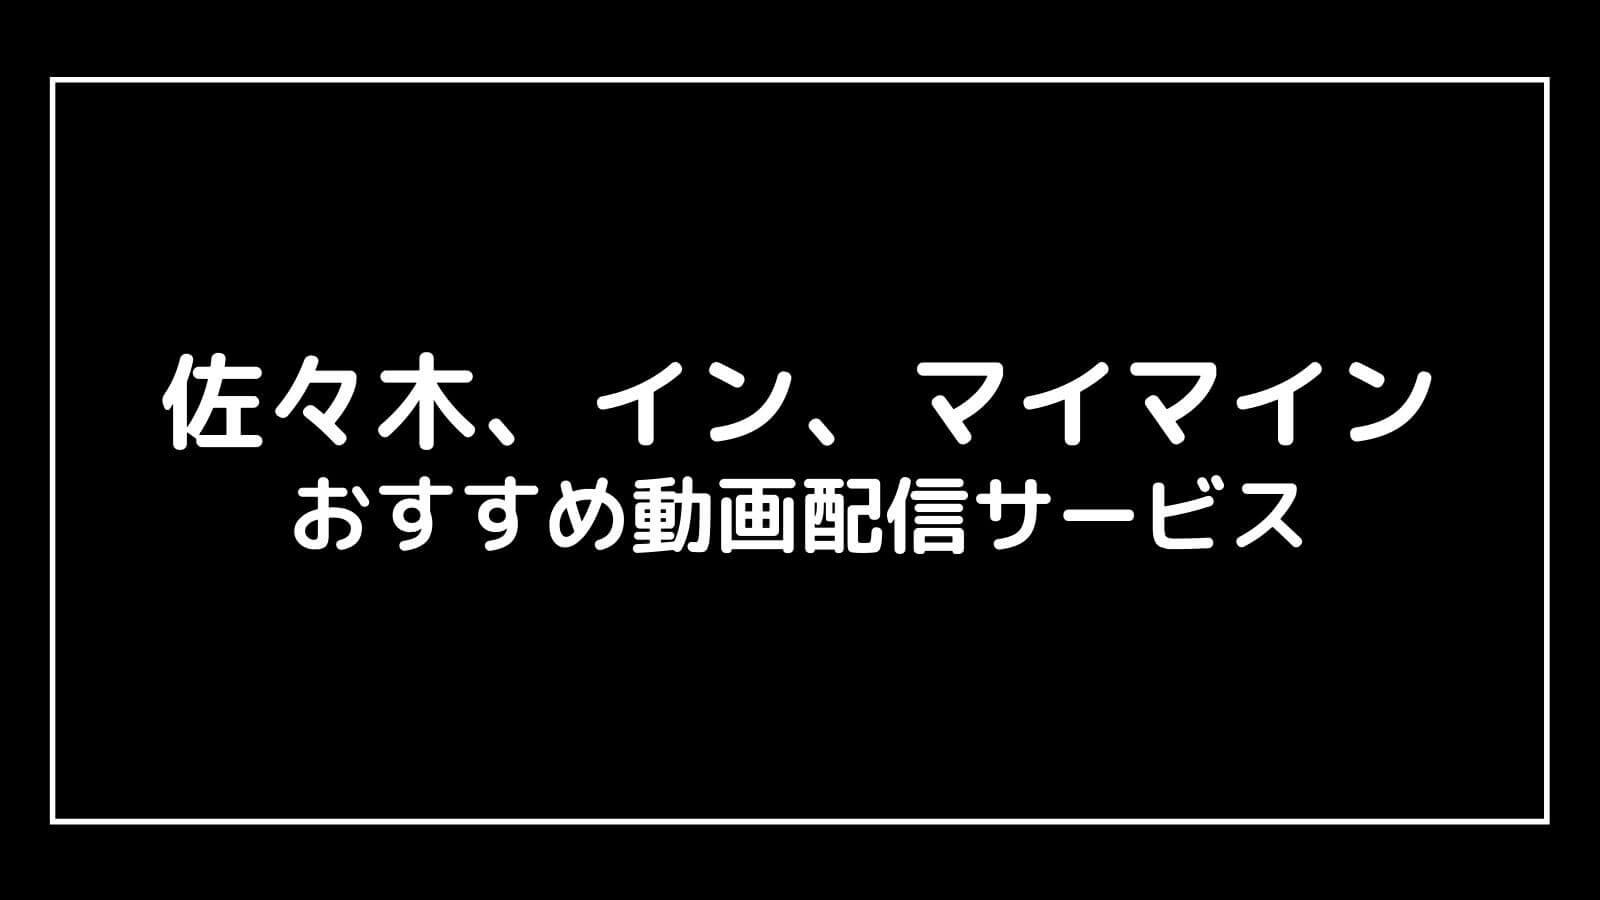 映画『佐々木、イン、マイマイン』の無料映画配信をフル視聴できる動画サイト